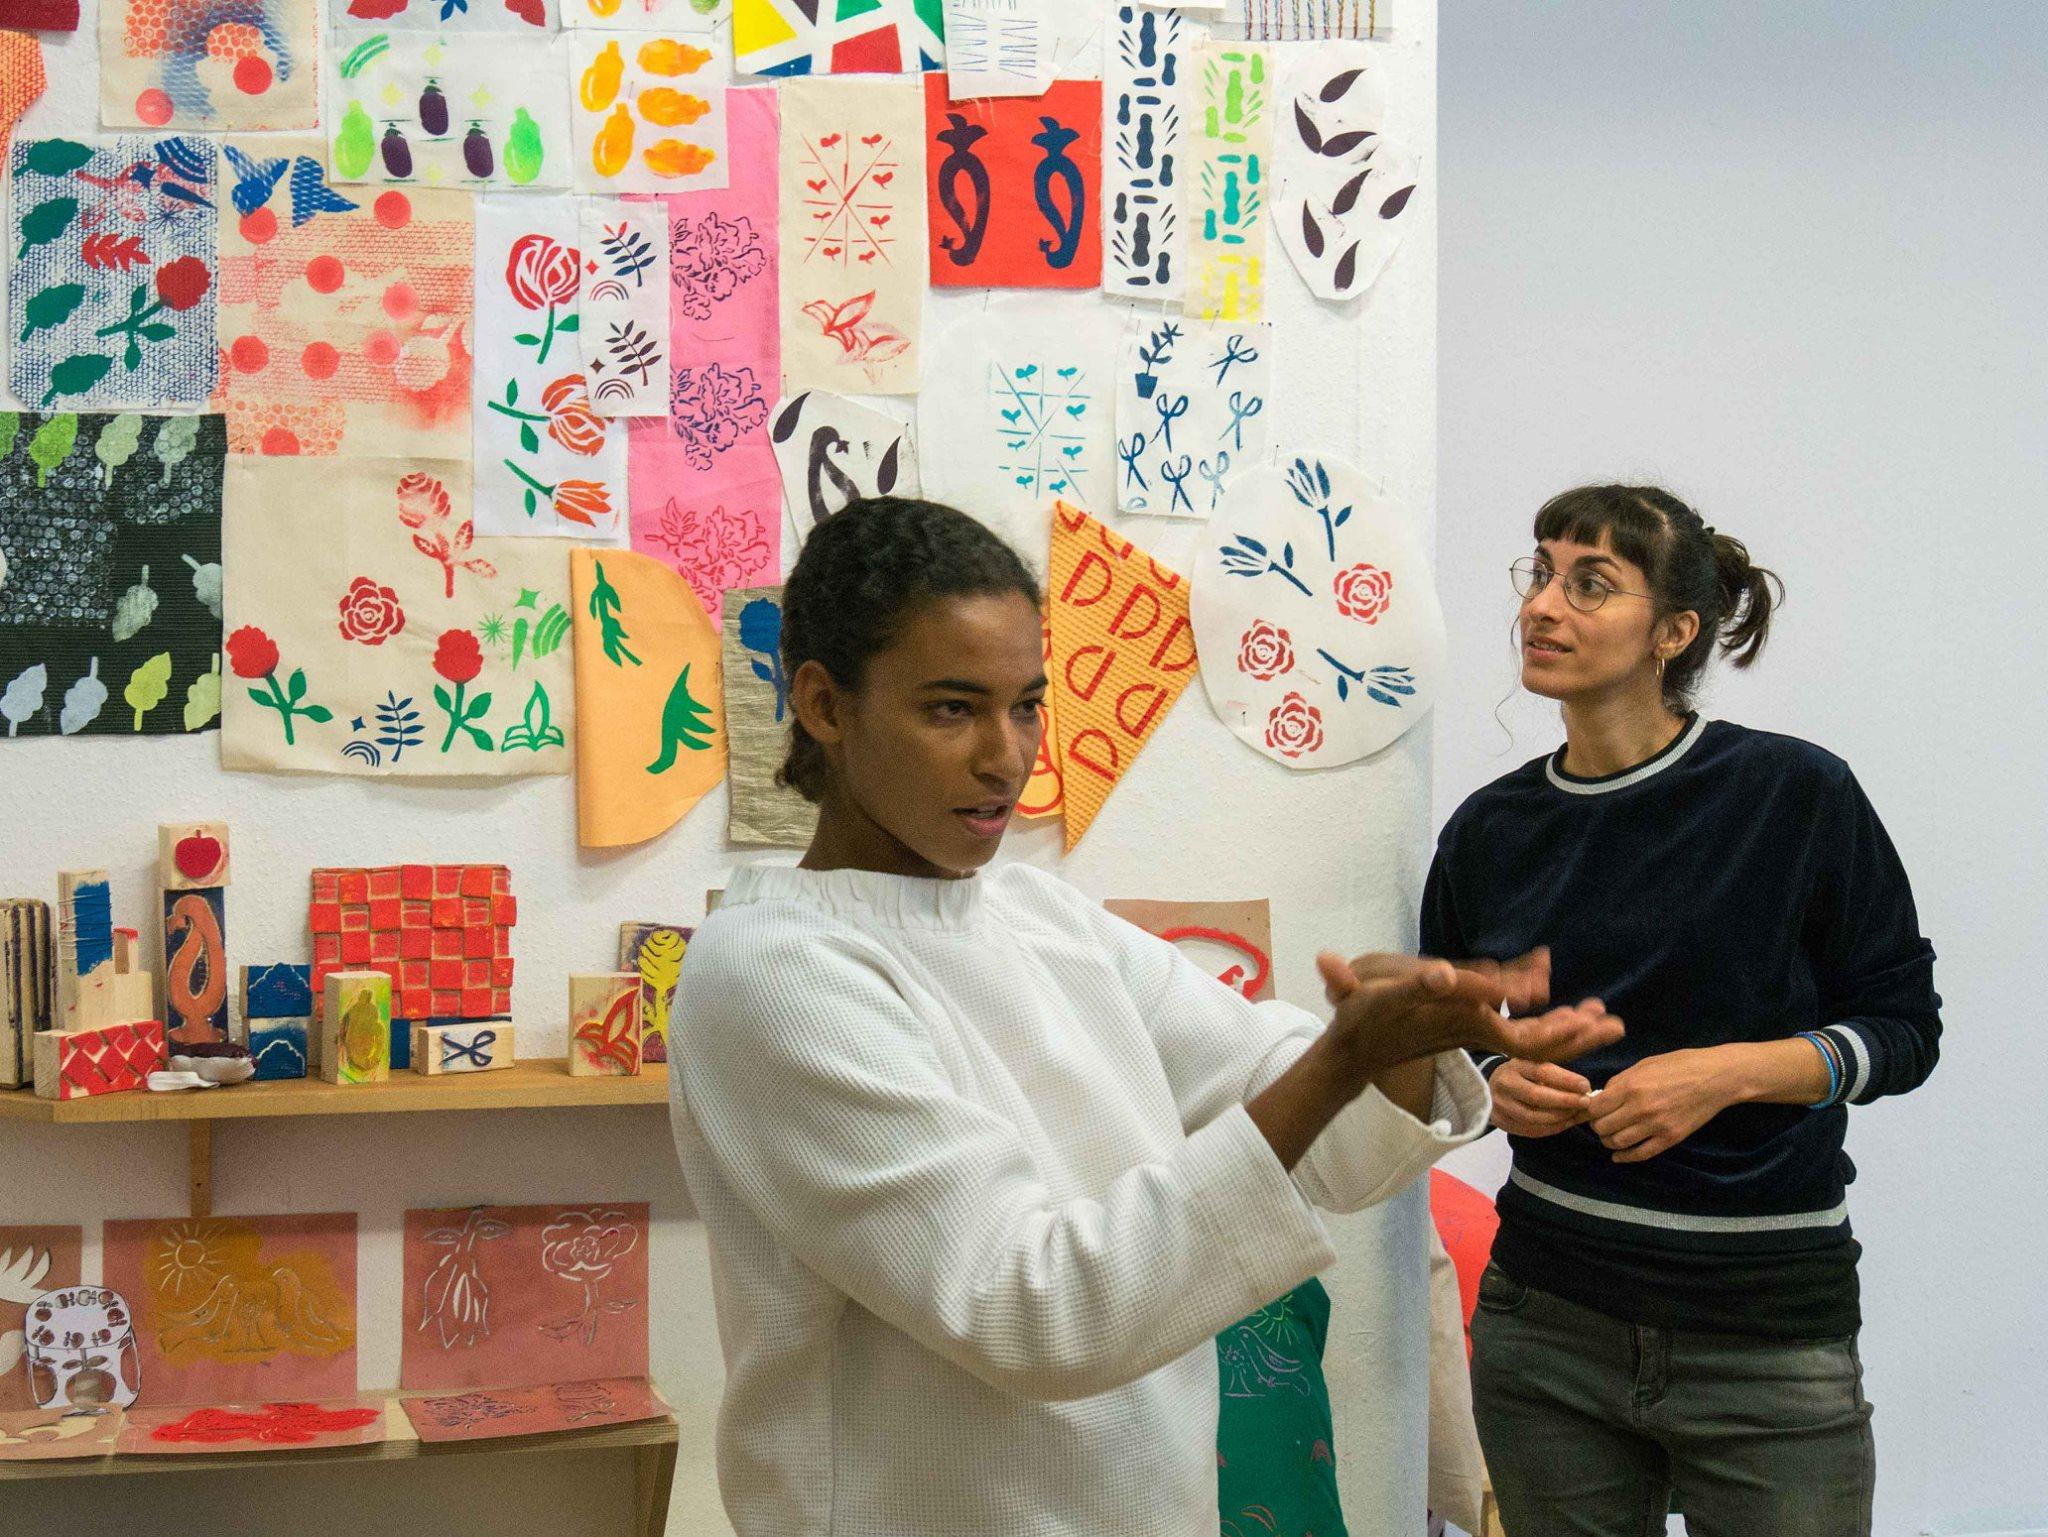 ARRIVO-Teilnehmerinnen präsentieren Nähstücke und Textildrucke